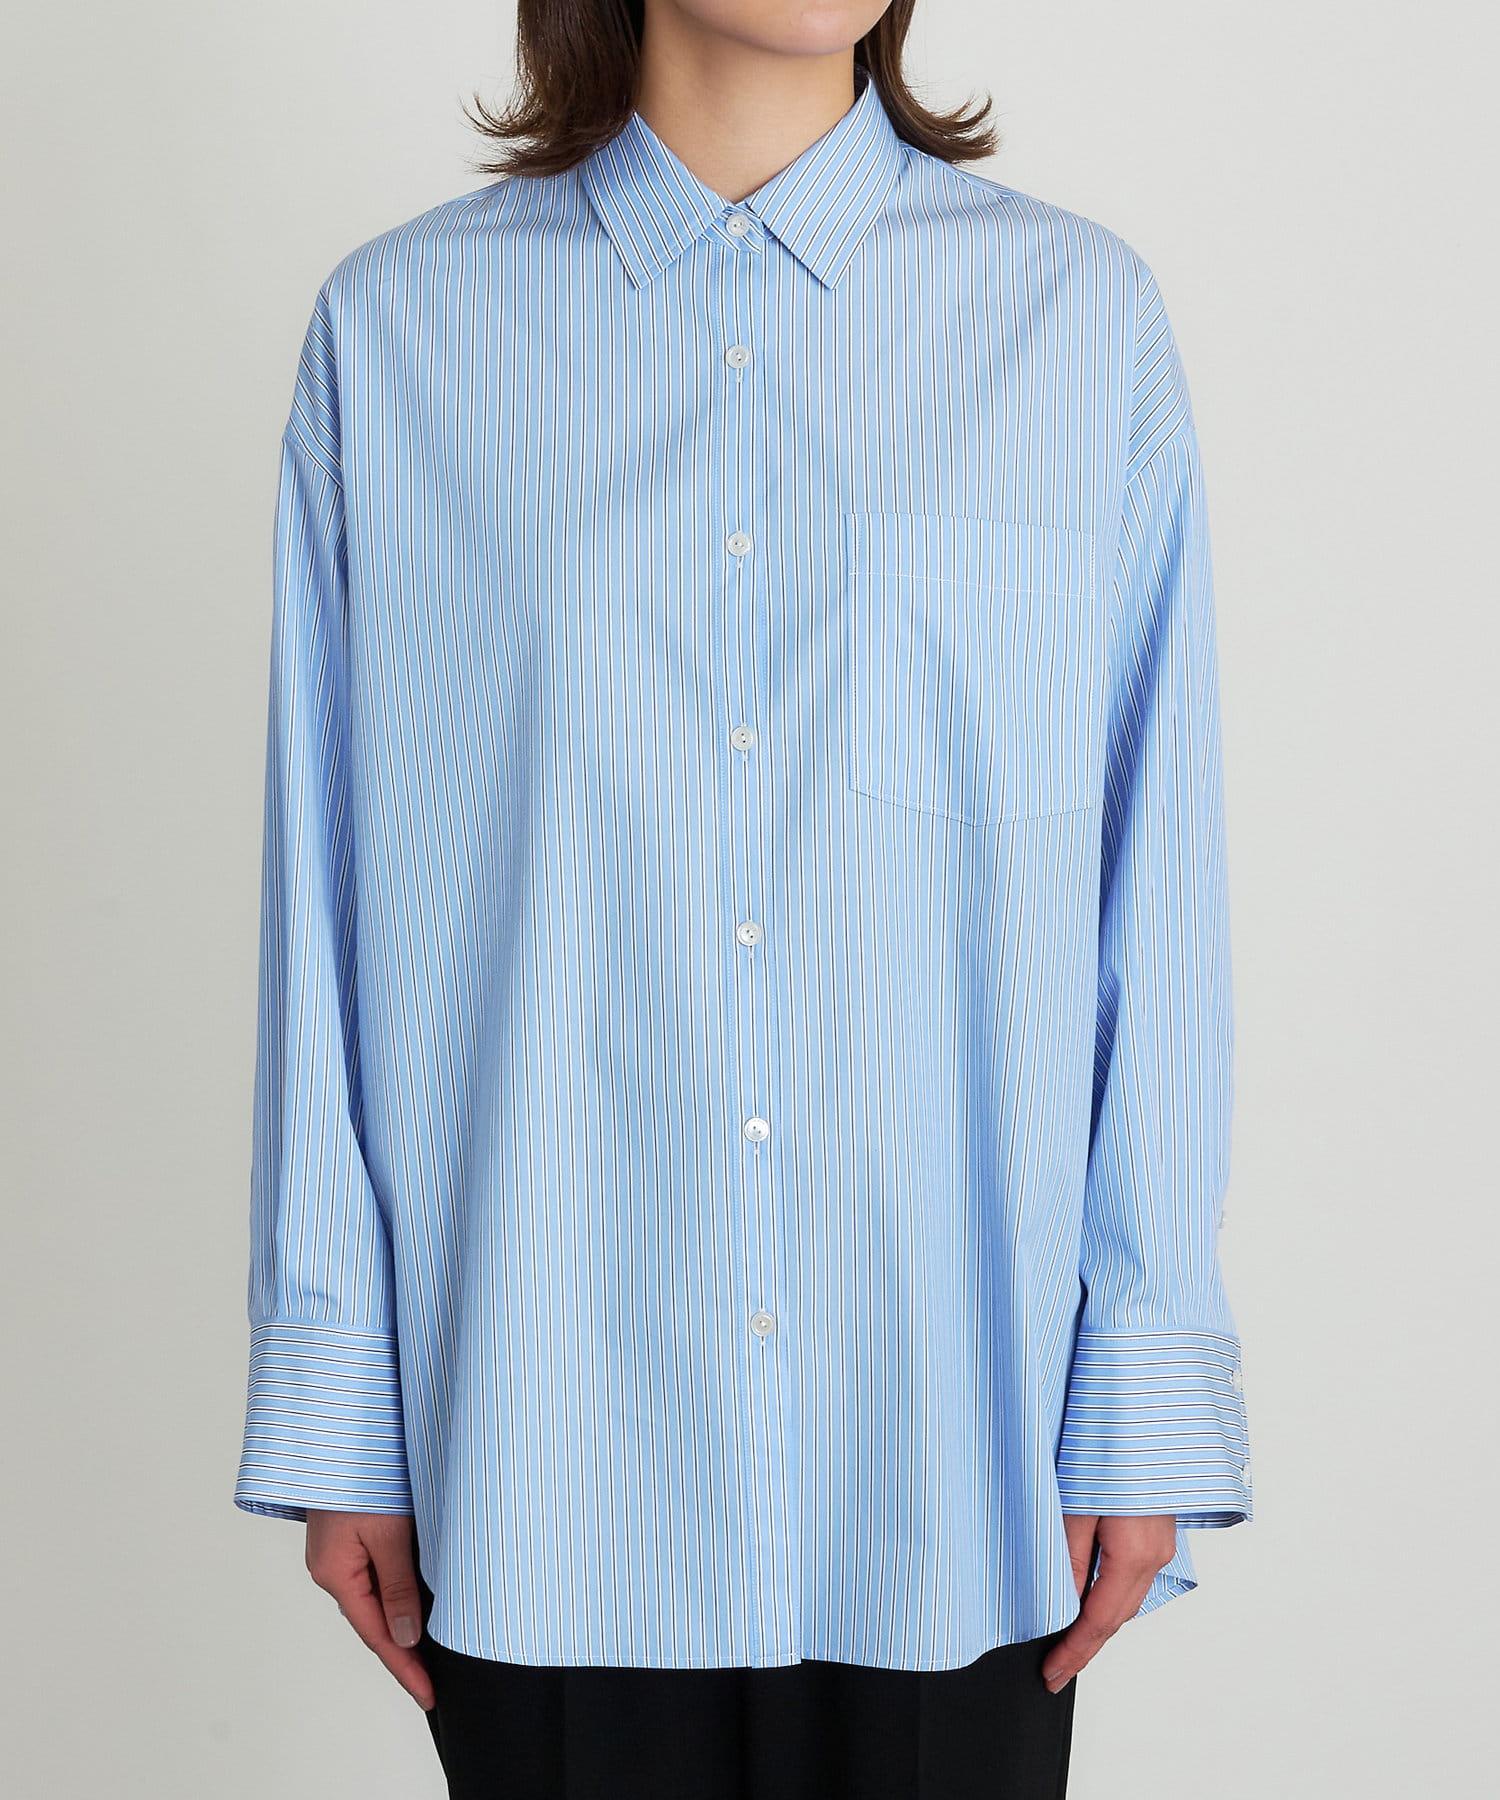 GALLARDAGALANTE(ガリャルダガランテ) オーバーシャツ